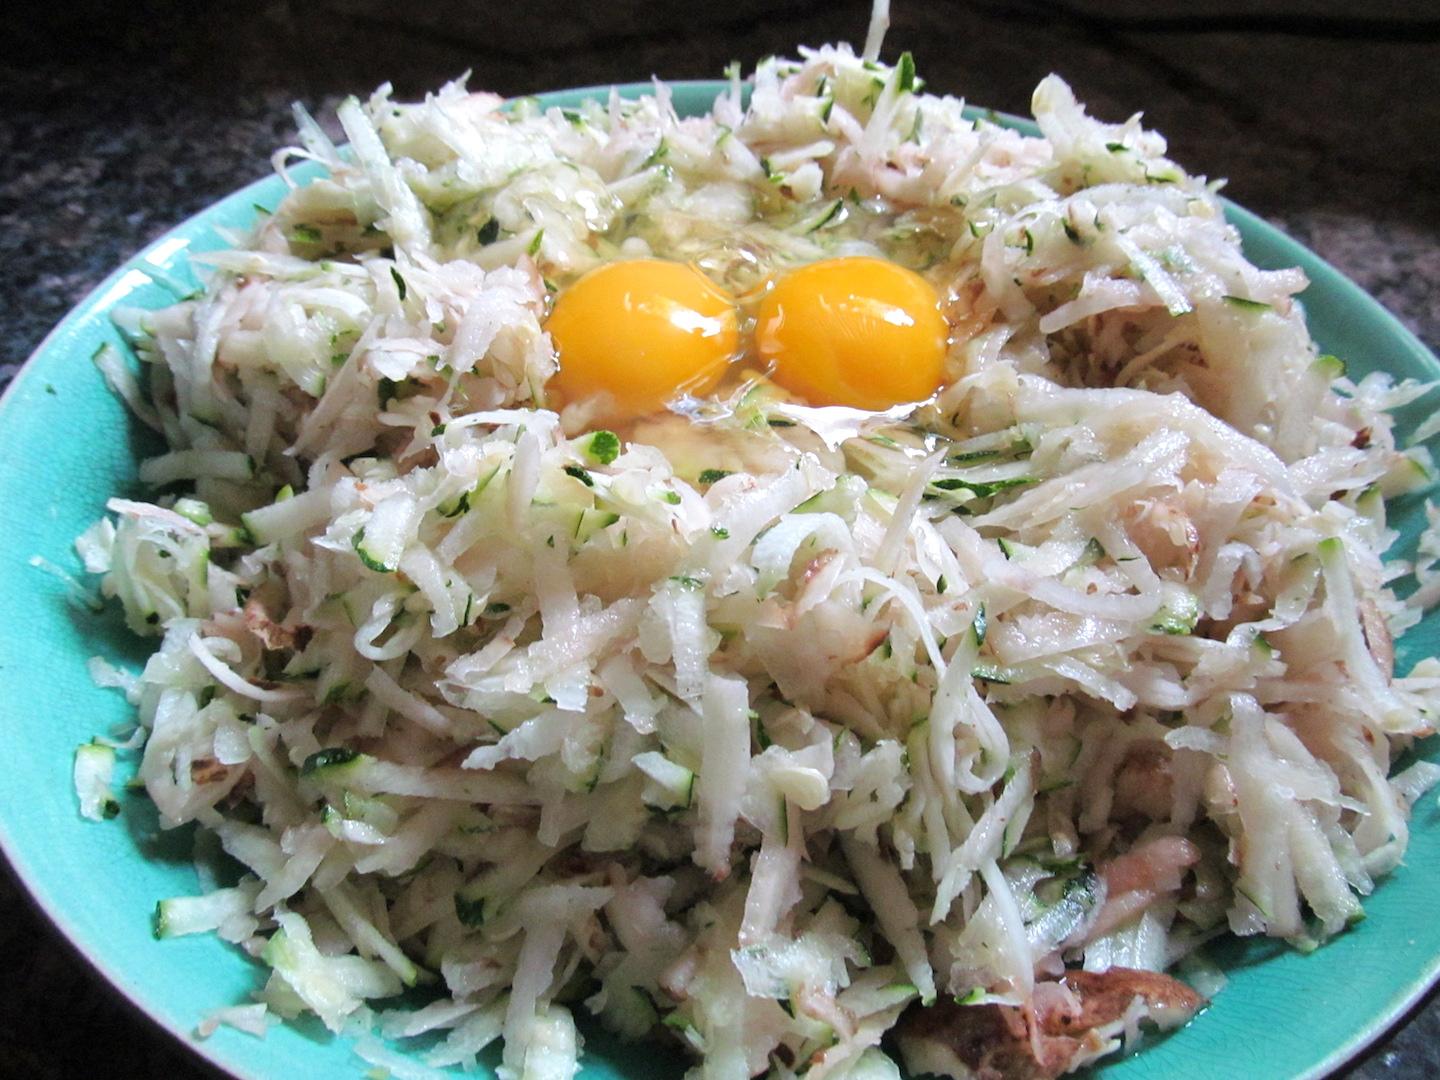 Adding eggs to latkes